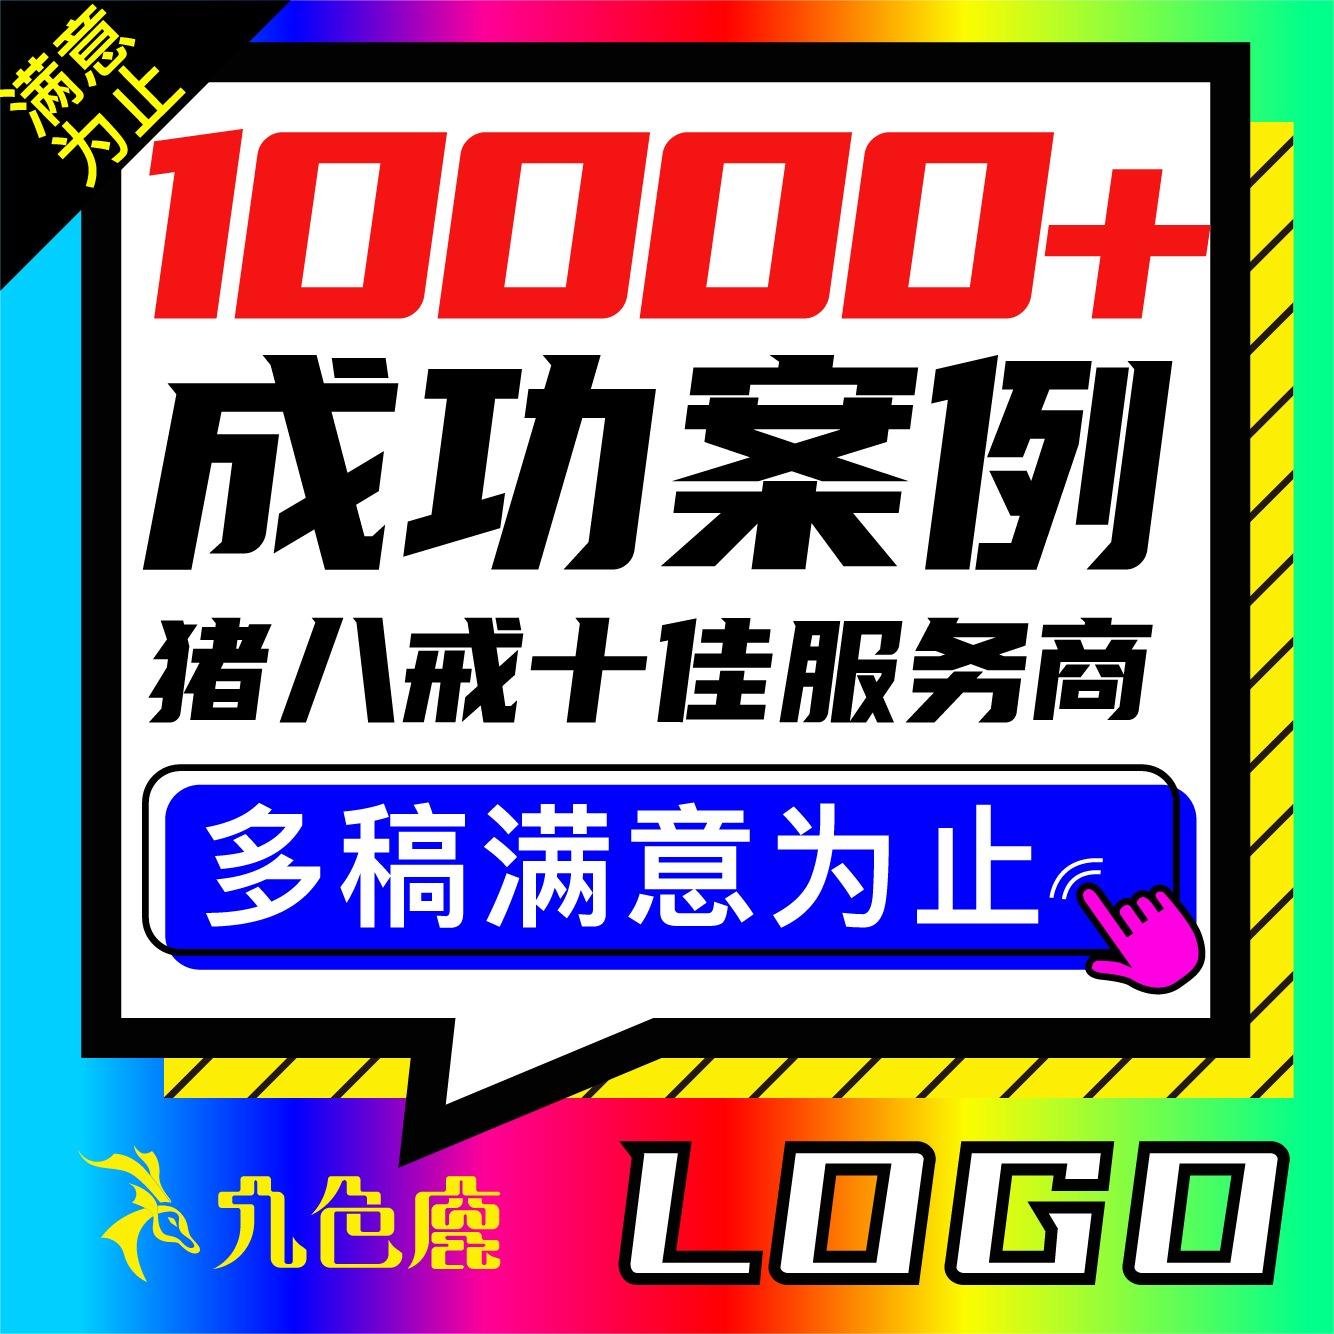 总监LOGO设计全案送VI延展卡通形象制作QQ表情微信包装